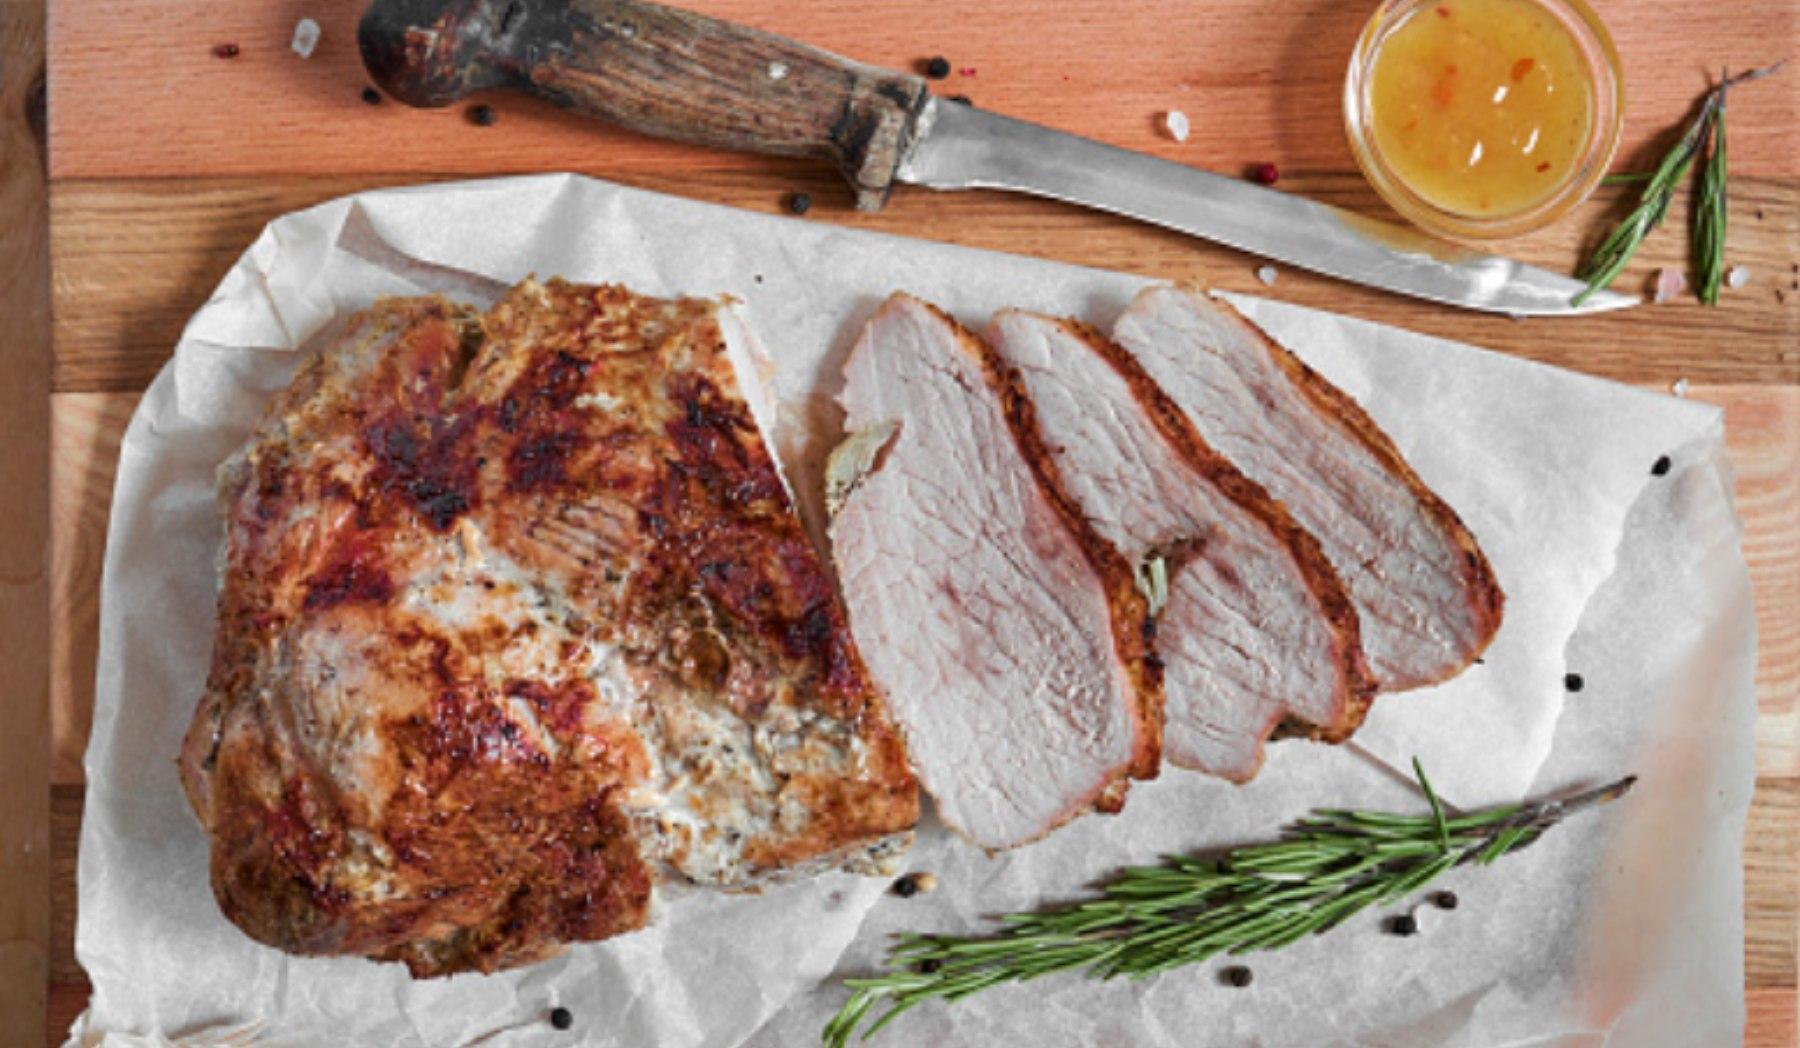 Lomo de cerdo al horno, receta fácil de preparar para disfrutar